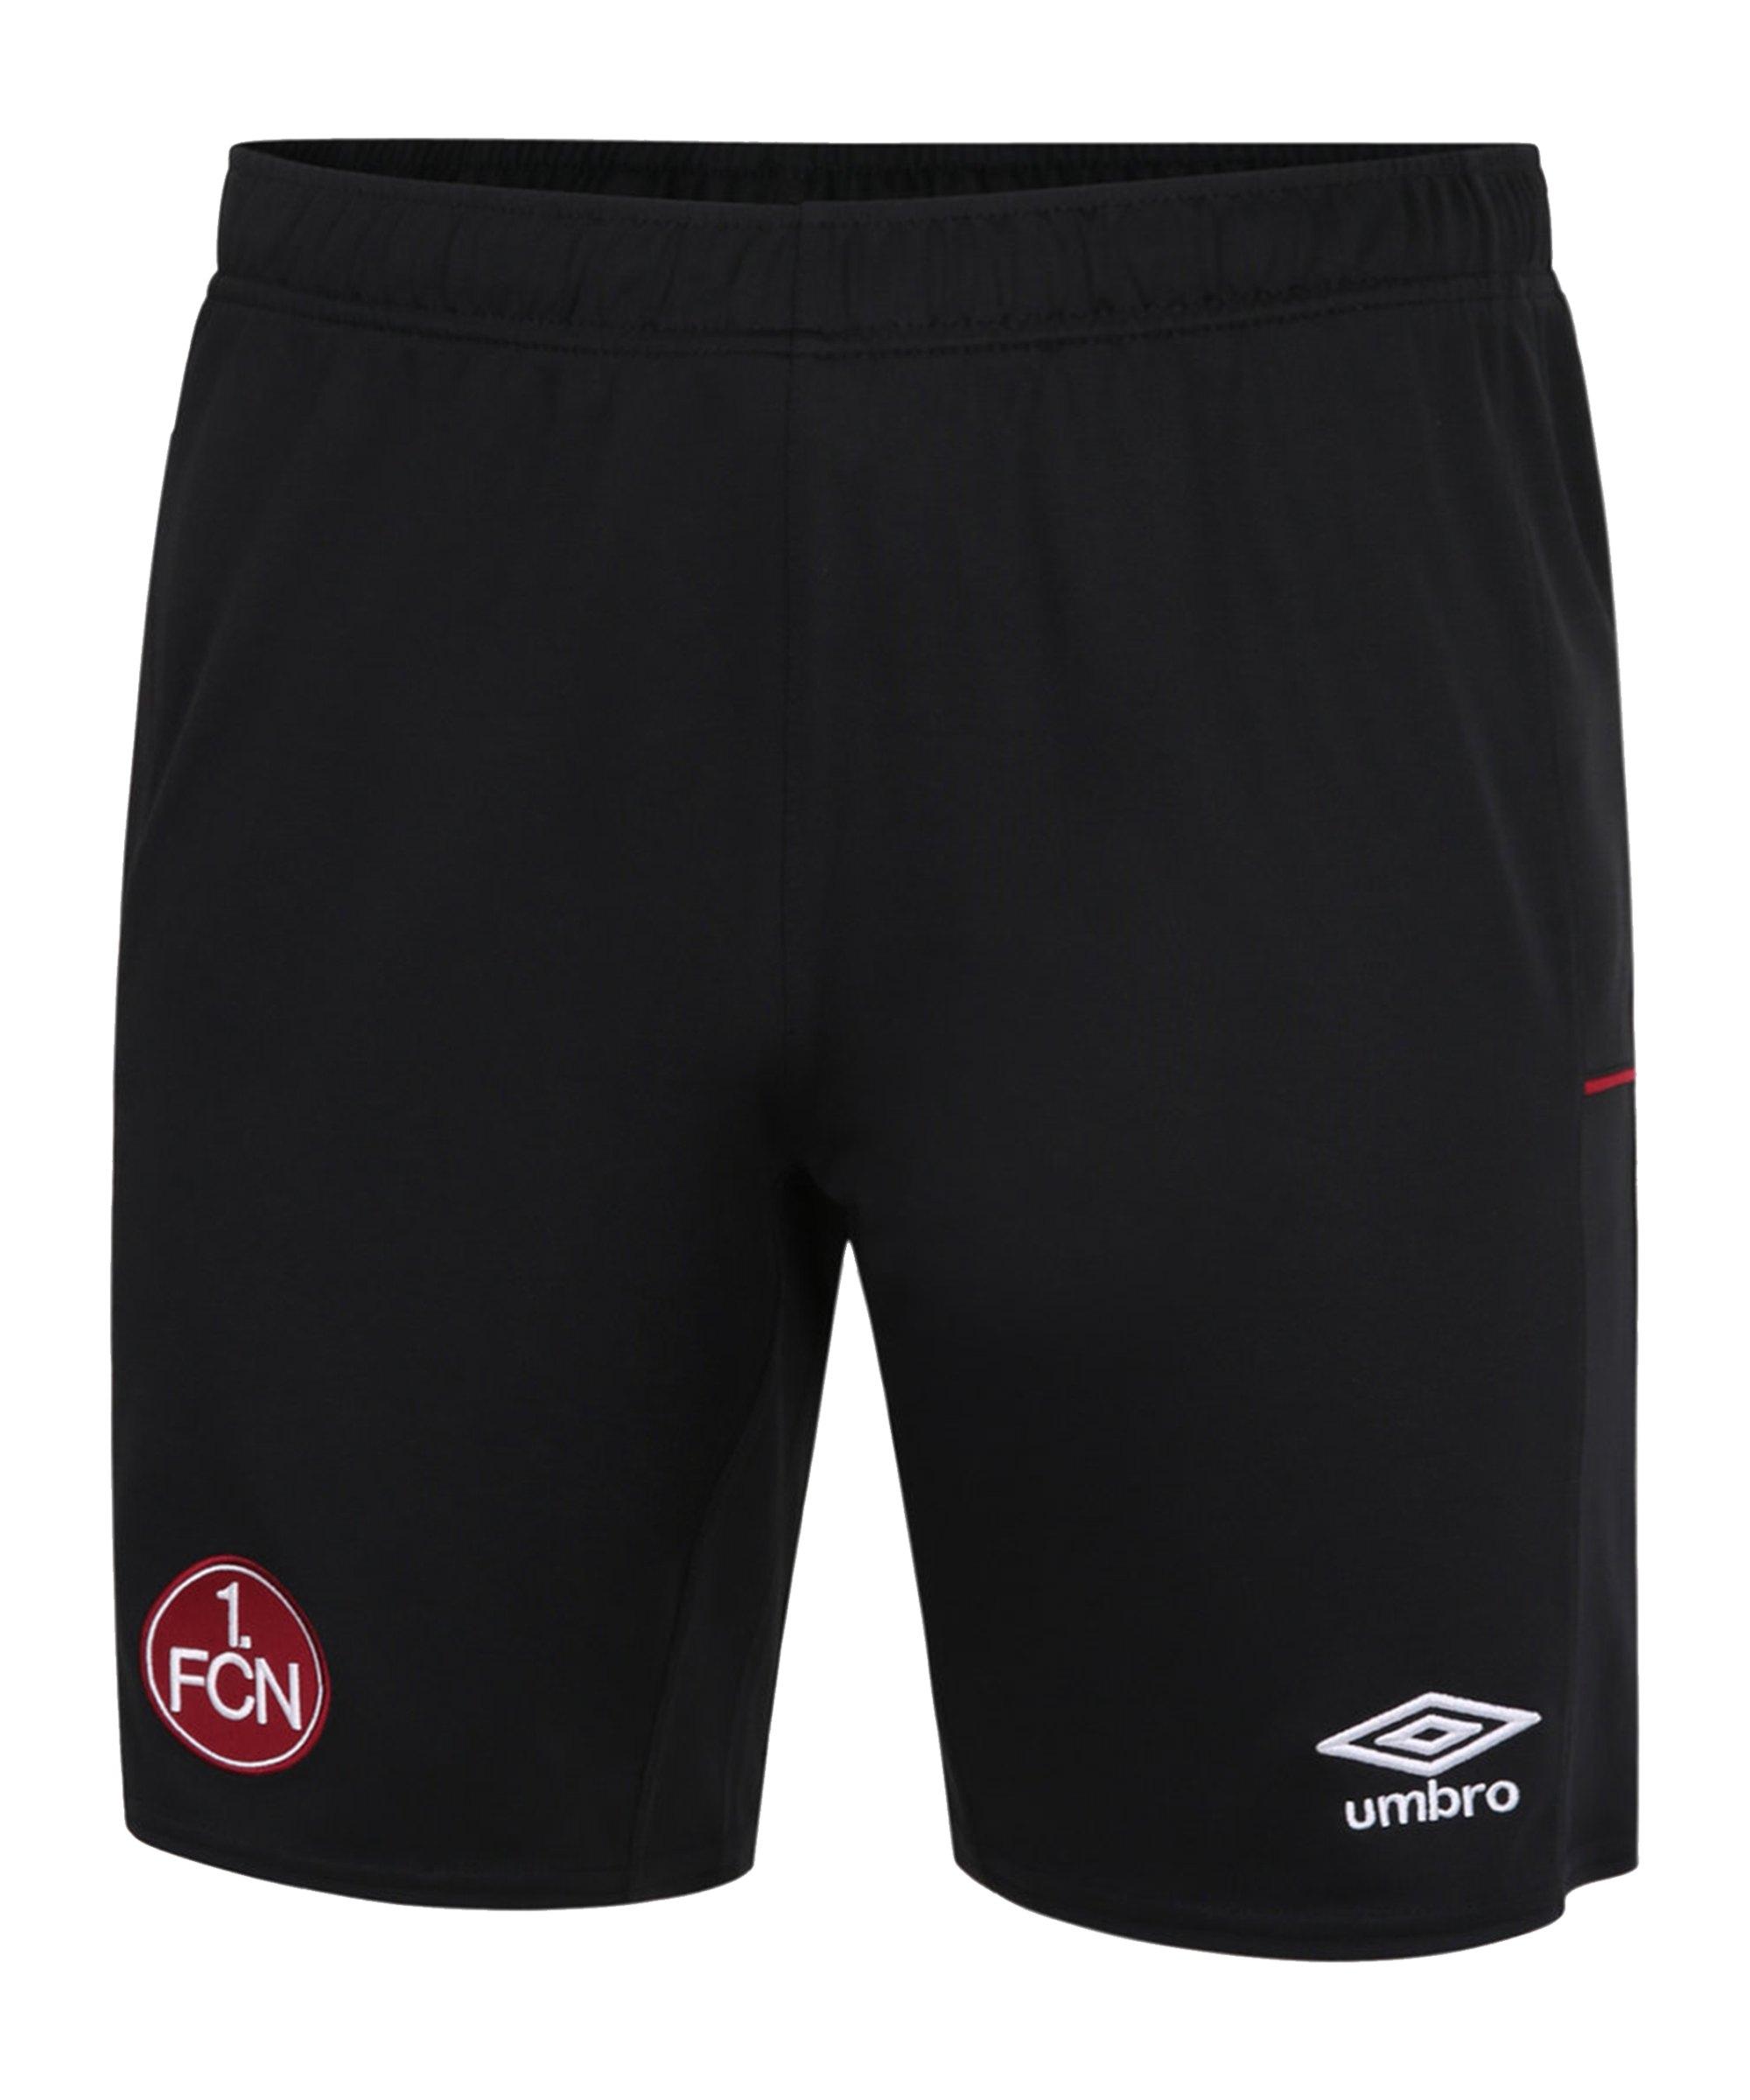 Umbro 1. FC Nürnberg Short 3rd Kids 2020/2021 - schwarz